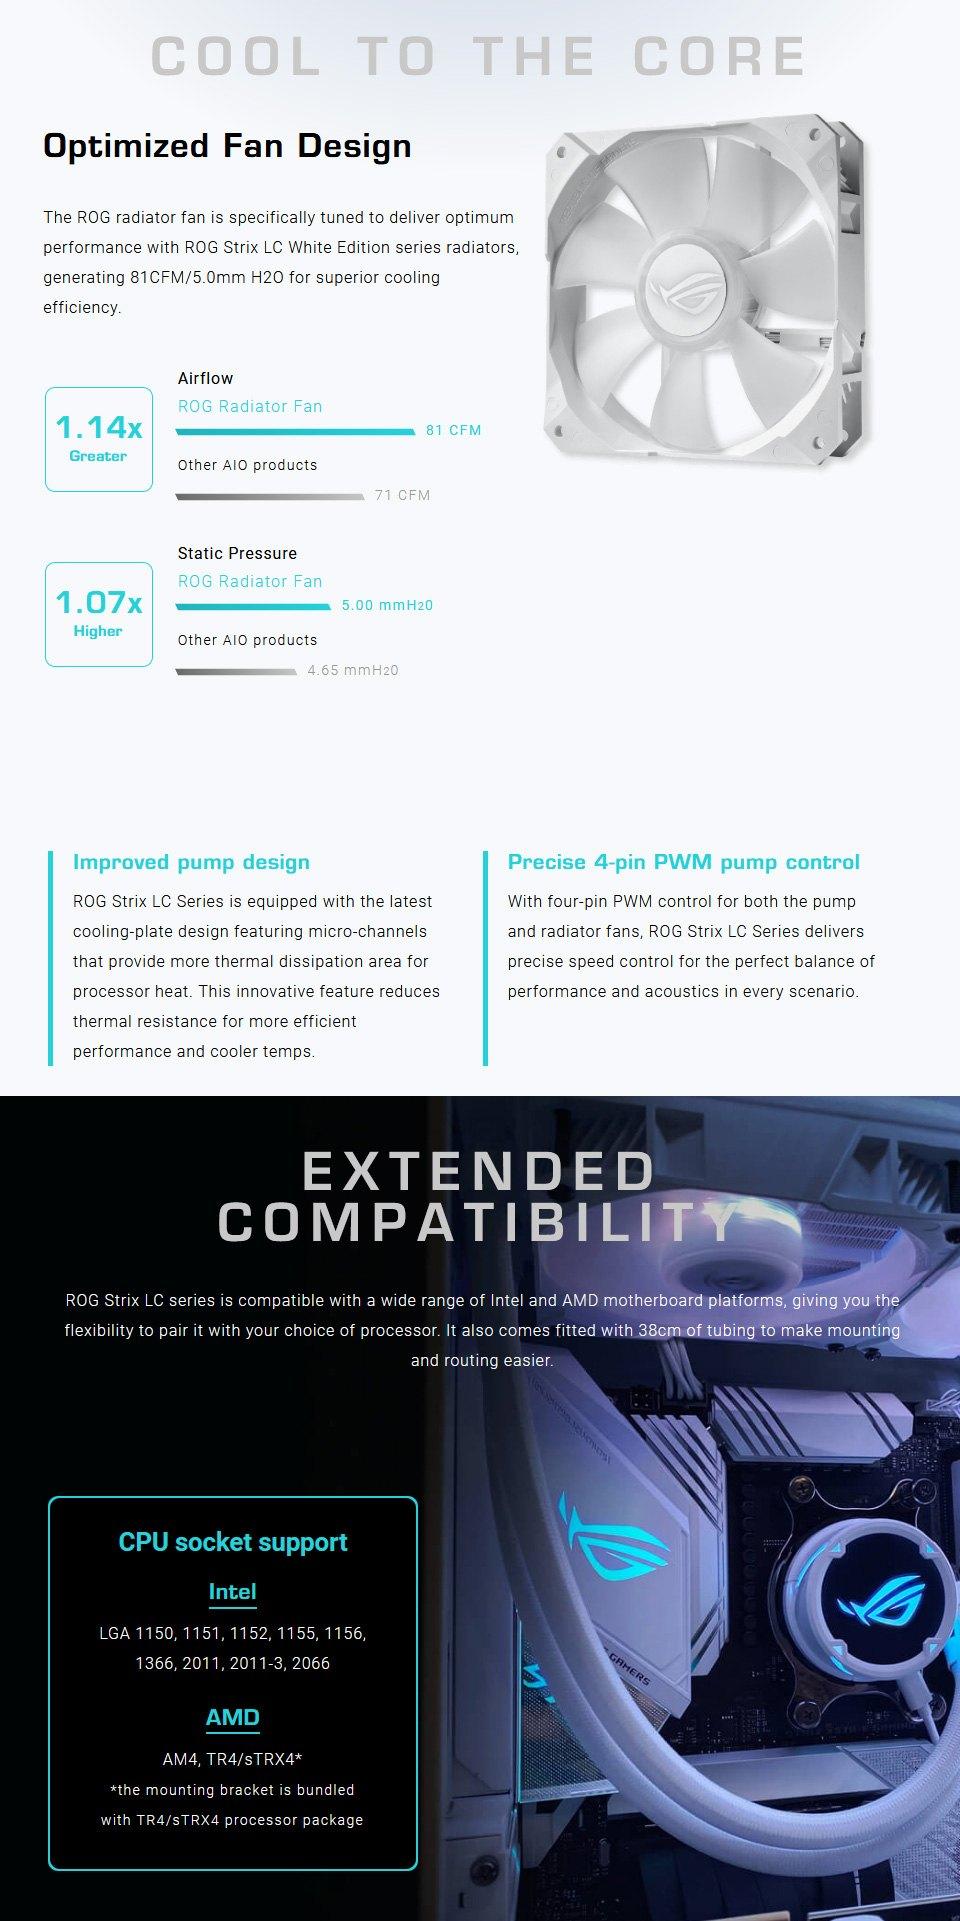 ASUS ROG Strix LC 360 ARGB AIO Liquid CPU Cooler White Edition features 2